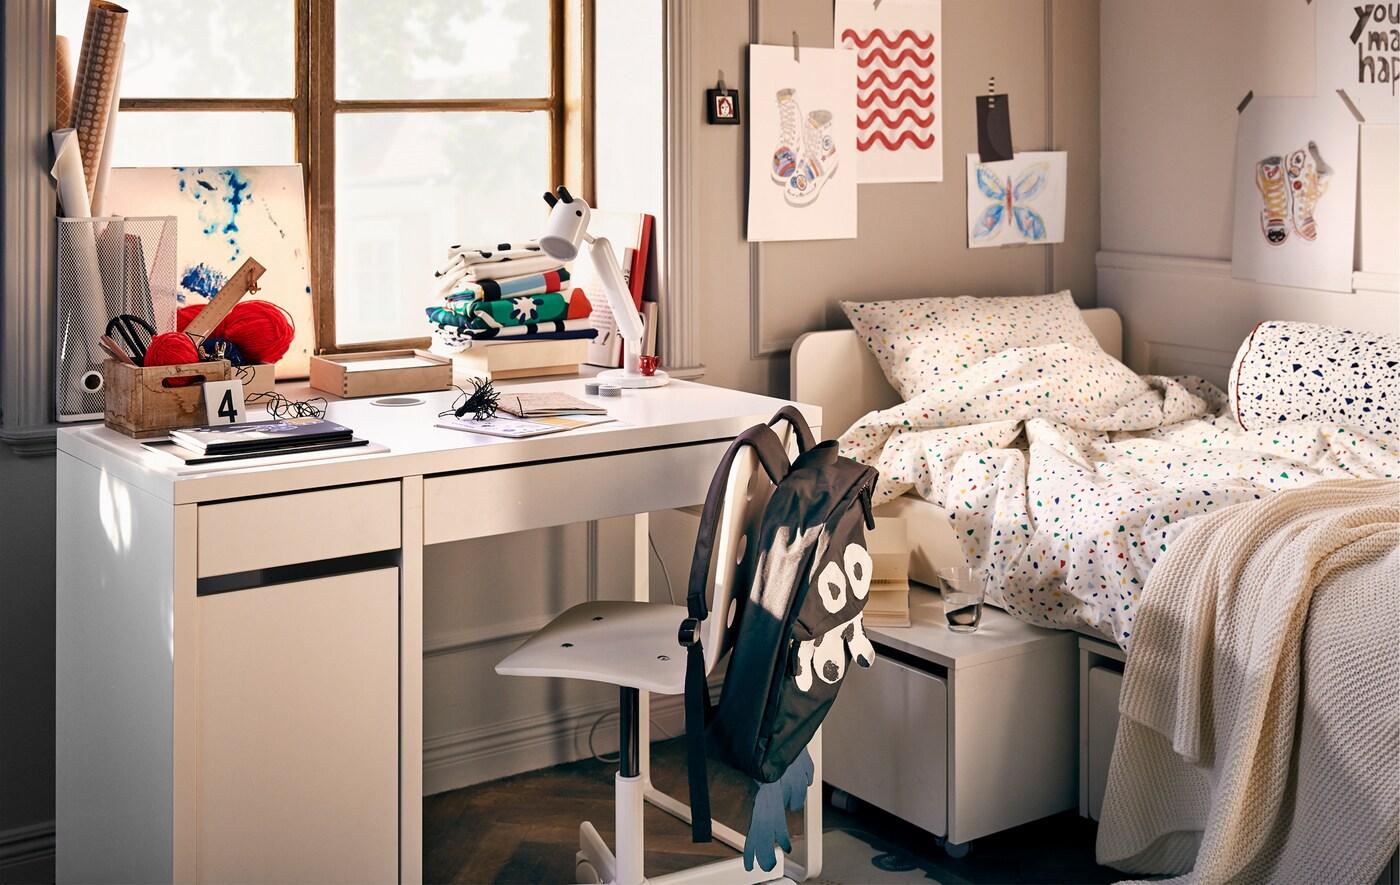 Interieur van een kinderkamer met bed, muurdecoratie en een werkplek die bestaat uit een MICKE bureau, bureaustoel en een KRUX wandlamp.